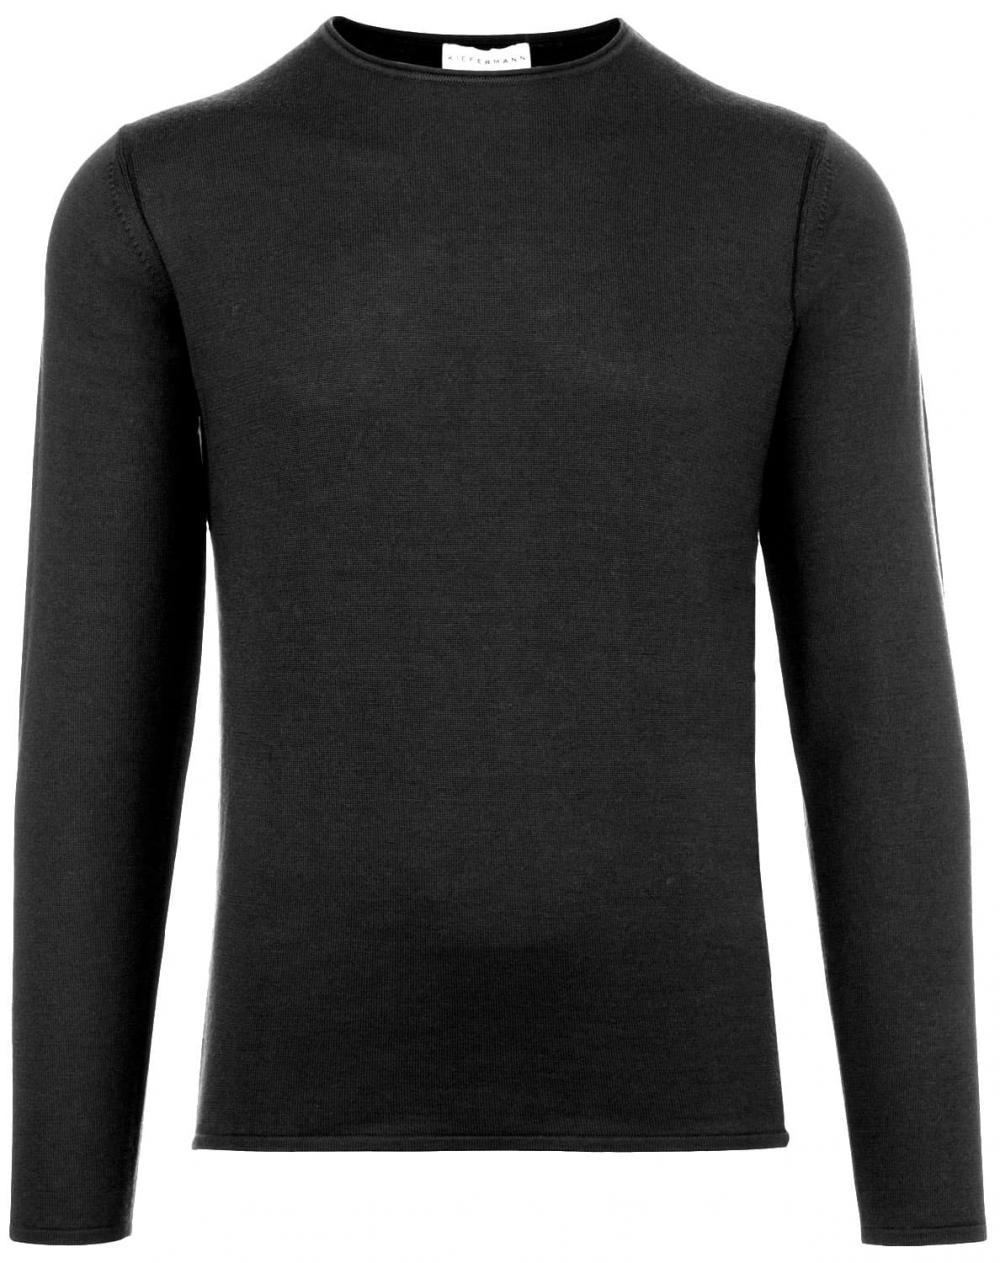 Pullover Lutz